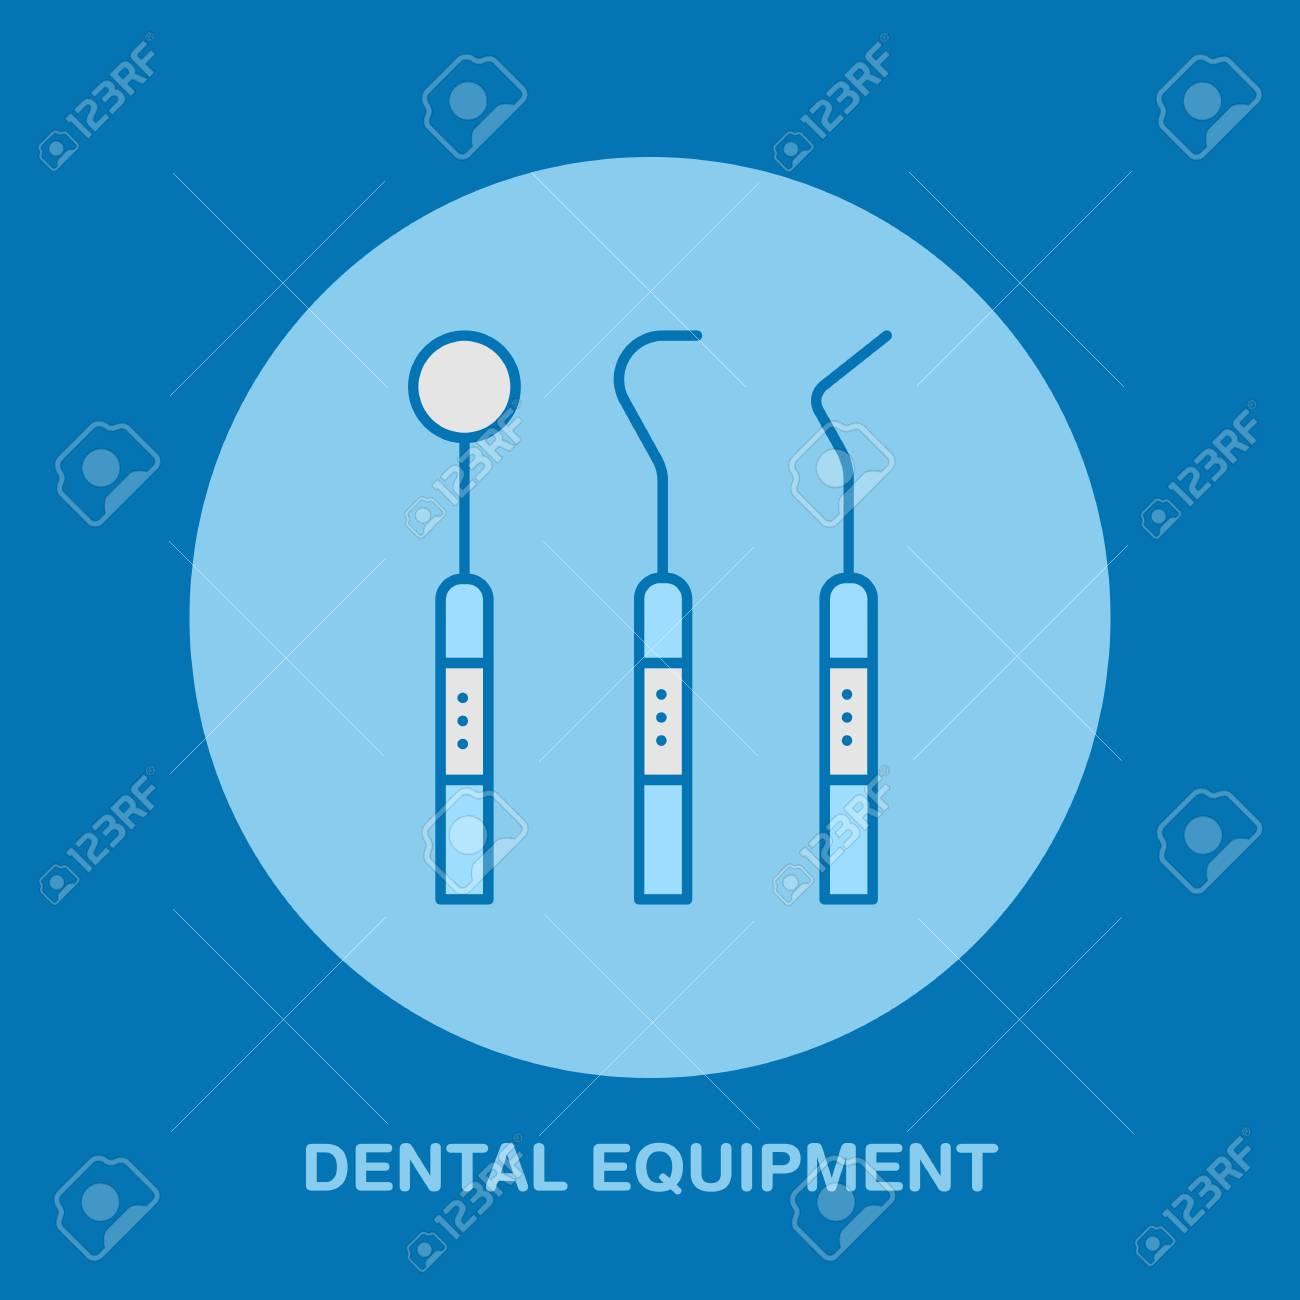 Banque d images - Outils de dentiste, icône de ligne orthodontie. Signe  d équipement de soins dentaires, éléments médicaux. Symbole linéaire mince  de soins ... 4b115afc04fd